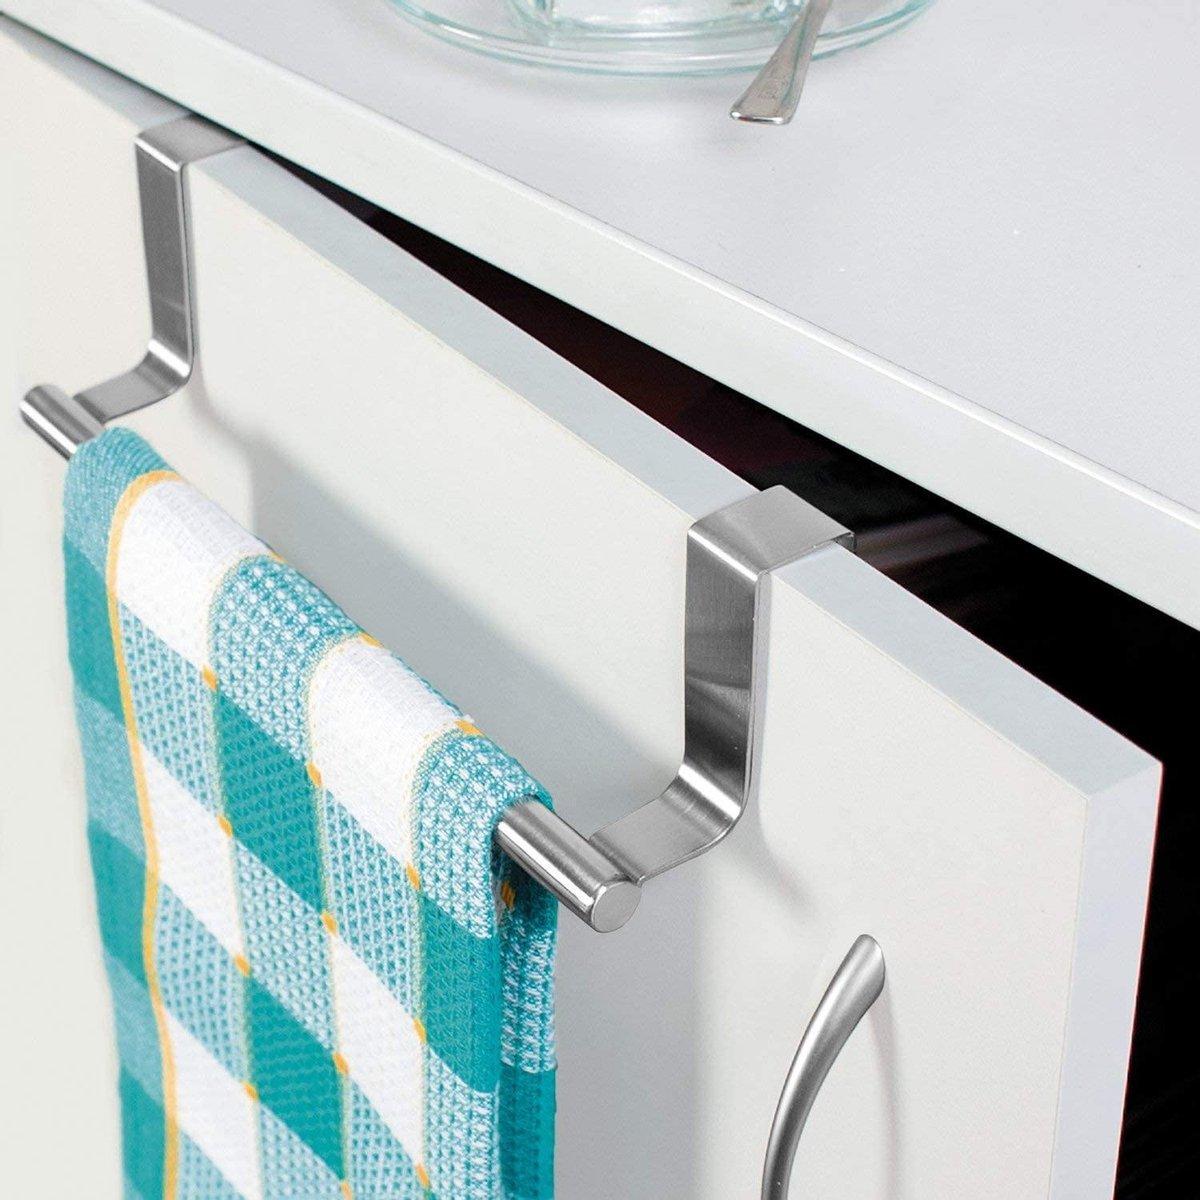 Handdoekhouder | Roestvrij Staal | 24x8 cm | Ophangbaar | Antislip | Krasbescherming